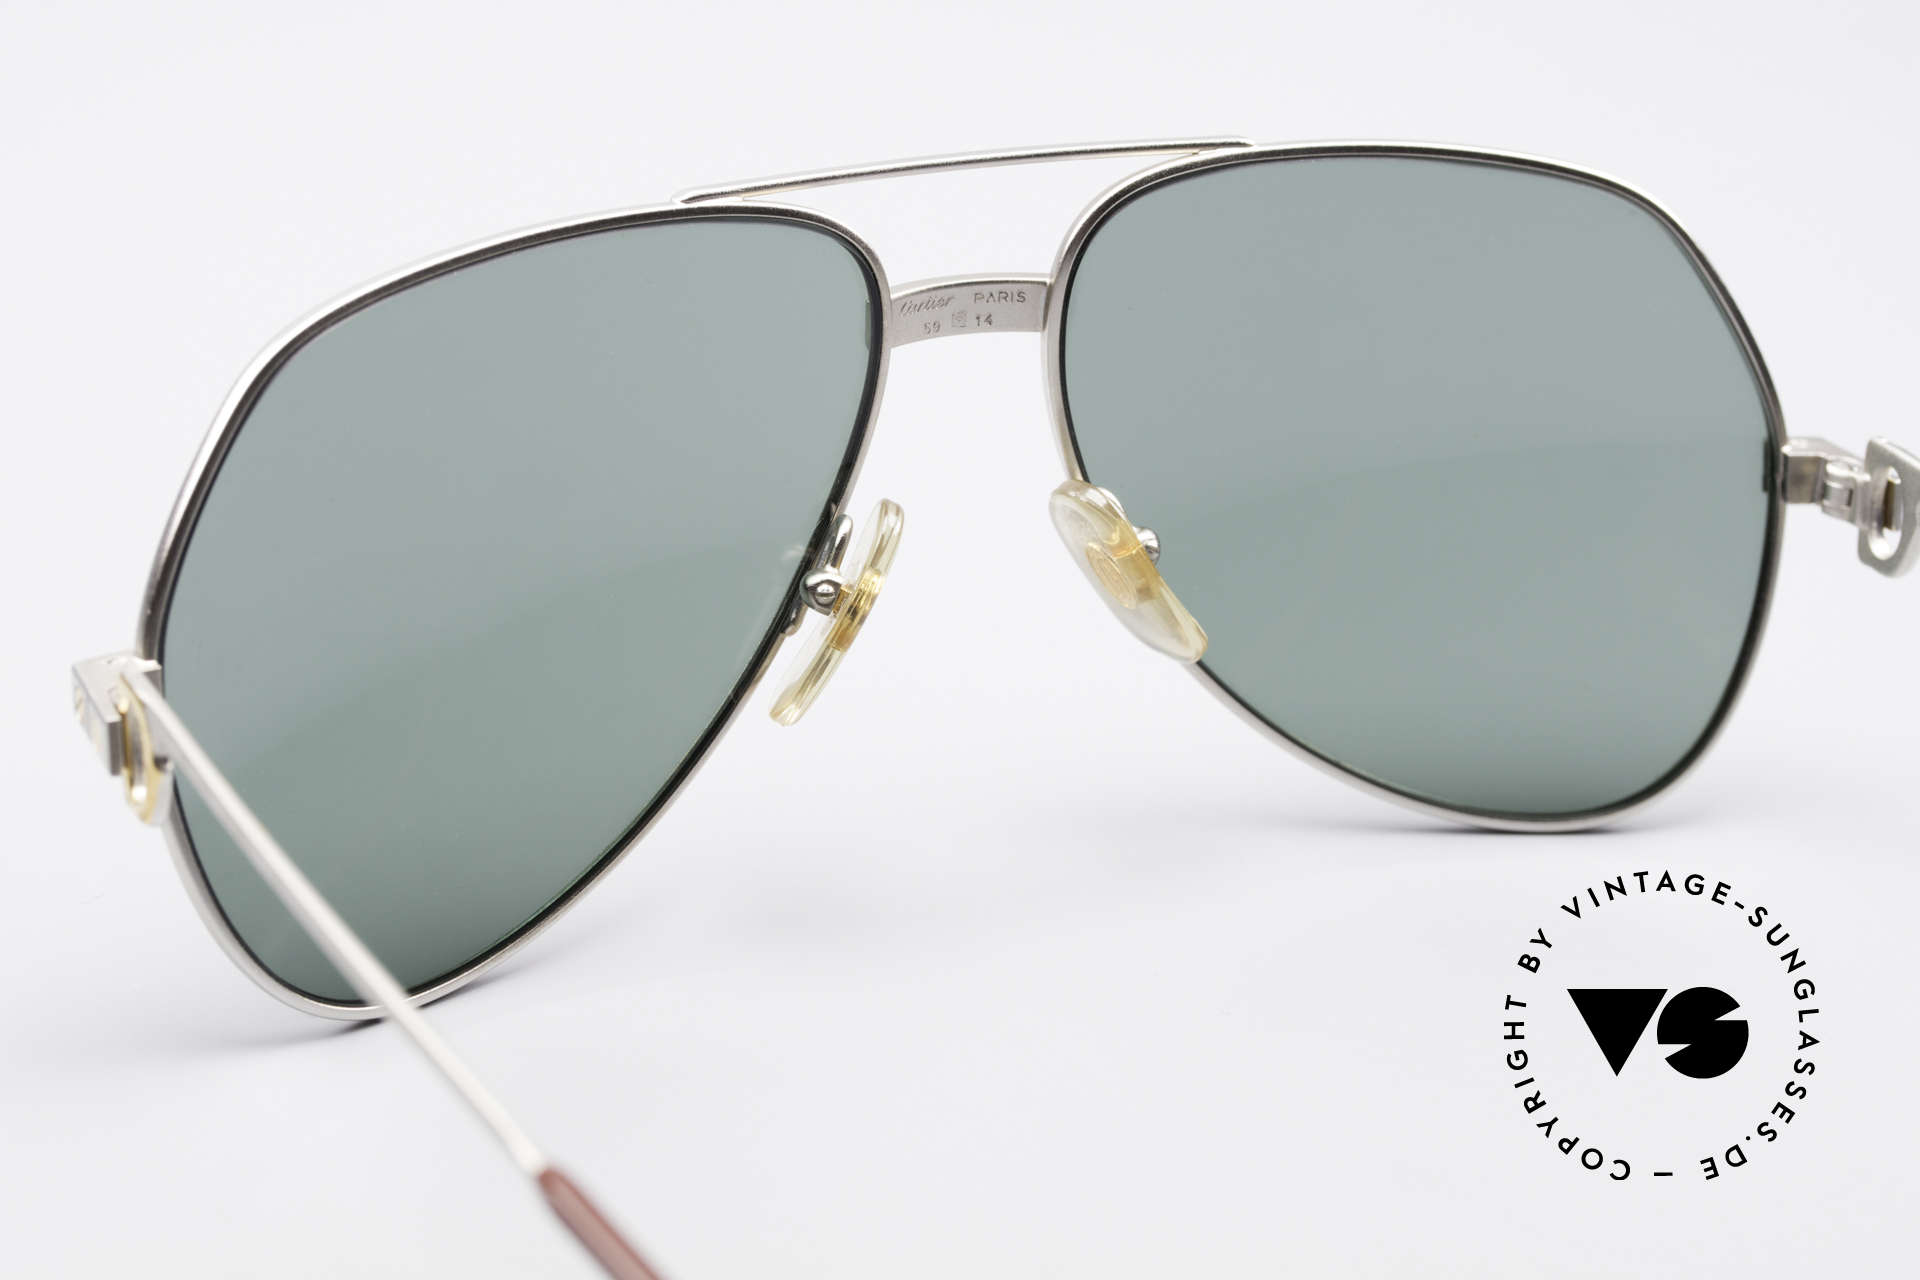 Cartier Vendome Santos - M Rare Luxury Palladium Finish, gray/green sun lenses (100% UV prot.) with Cartier logo, Made for Men